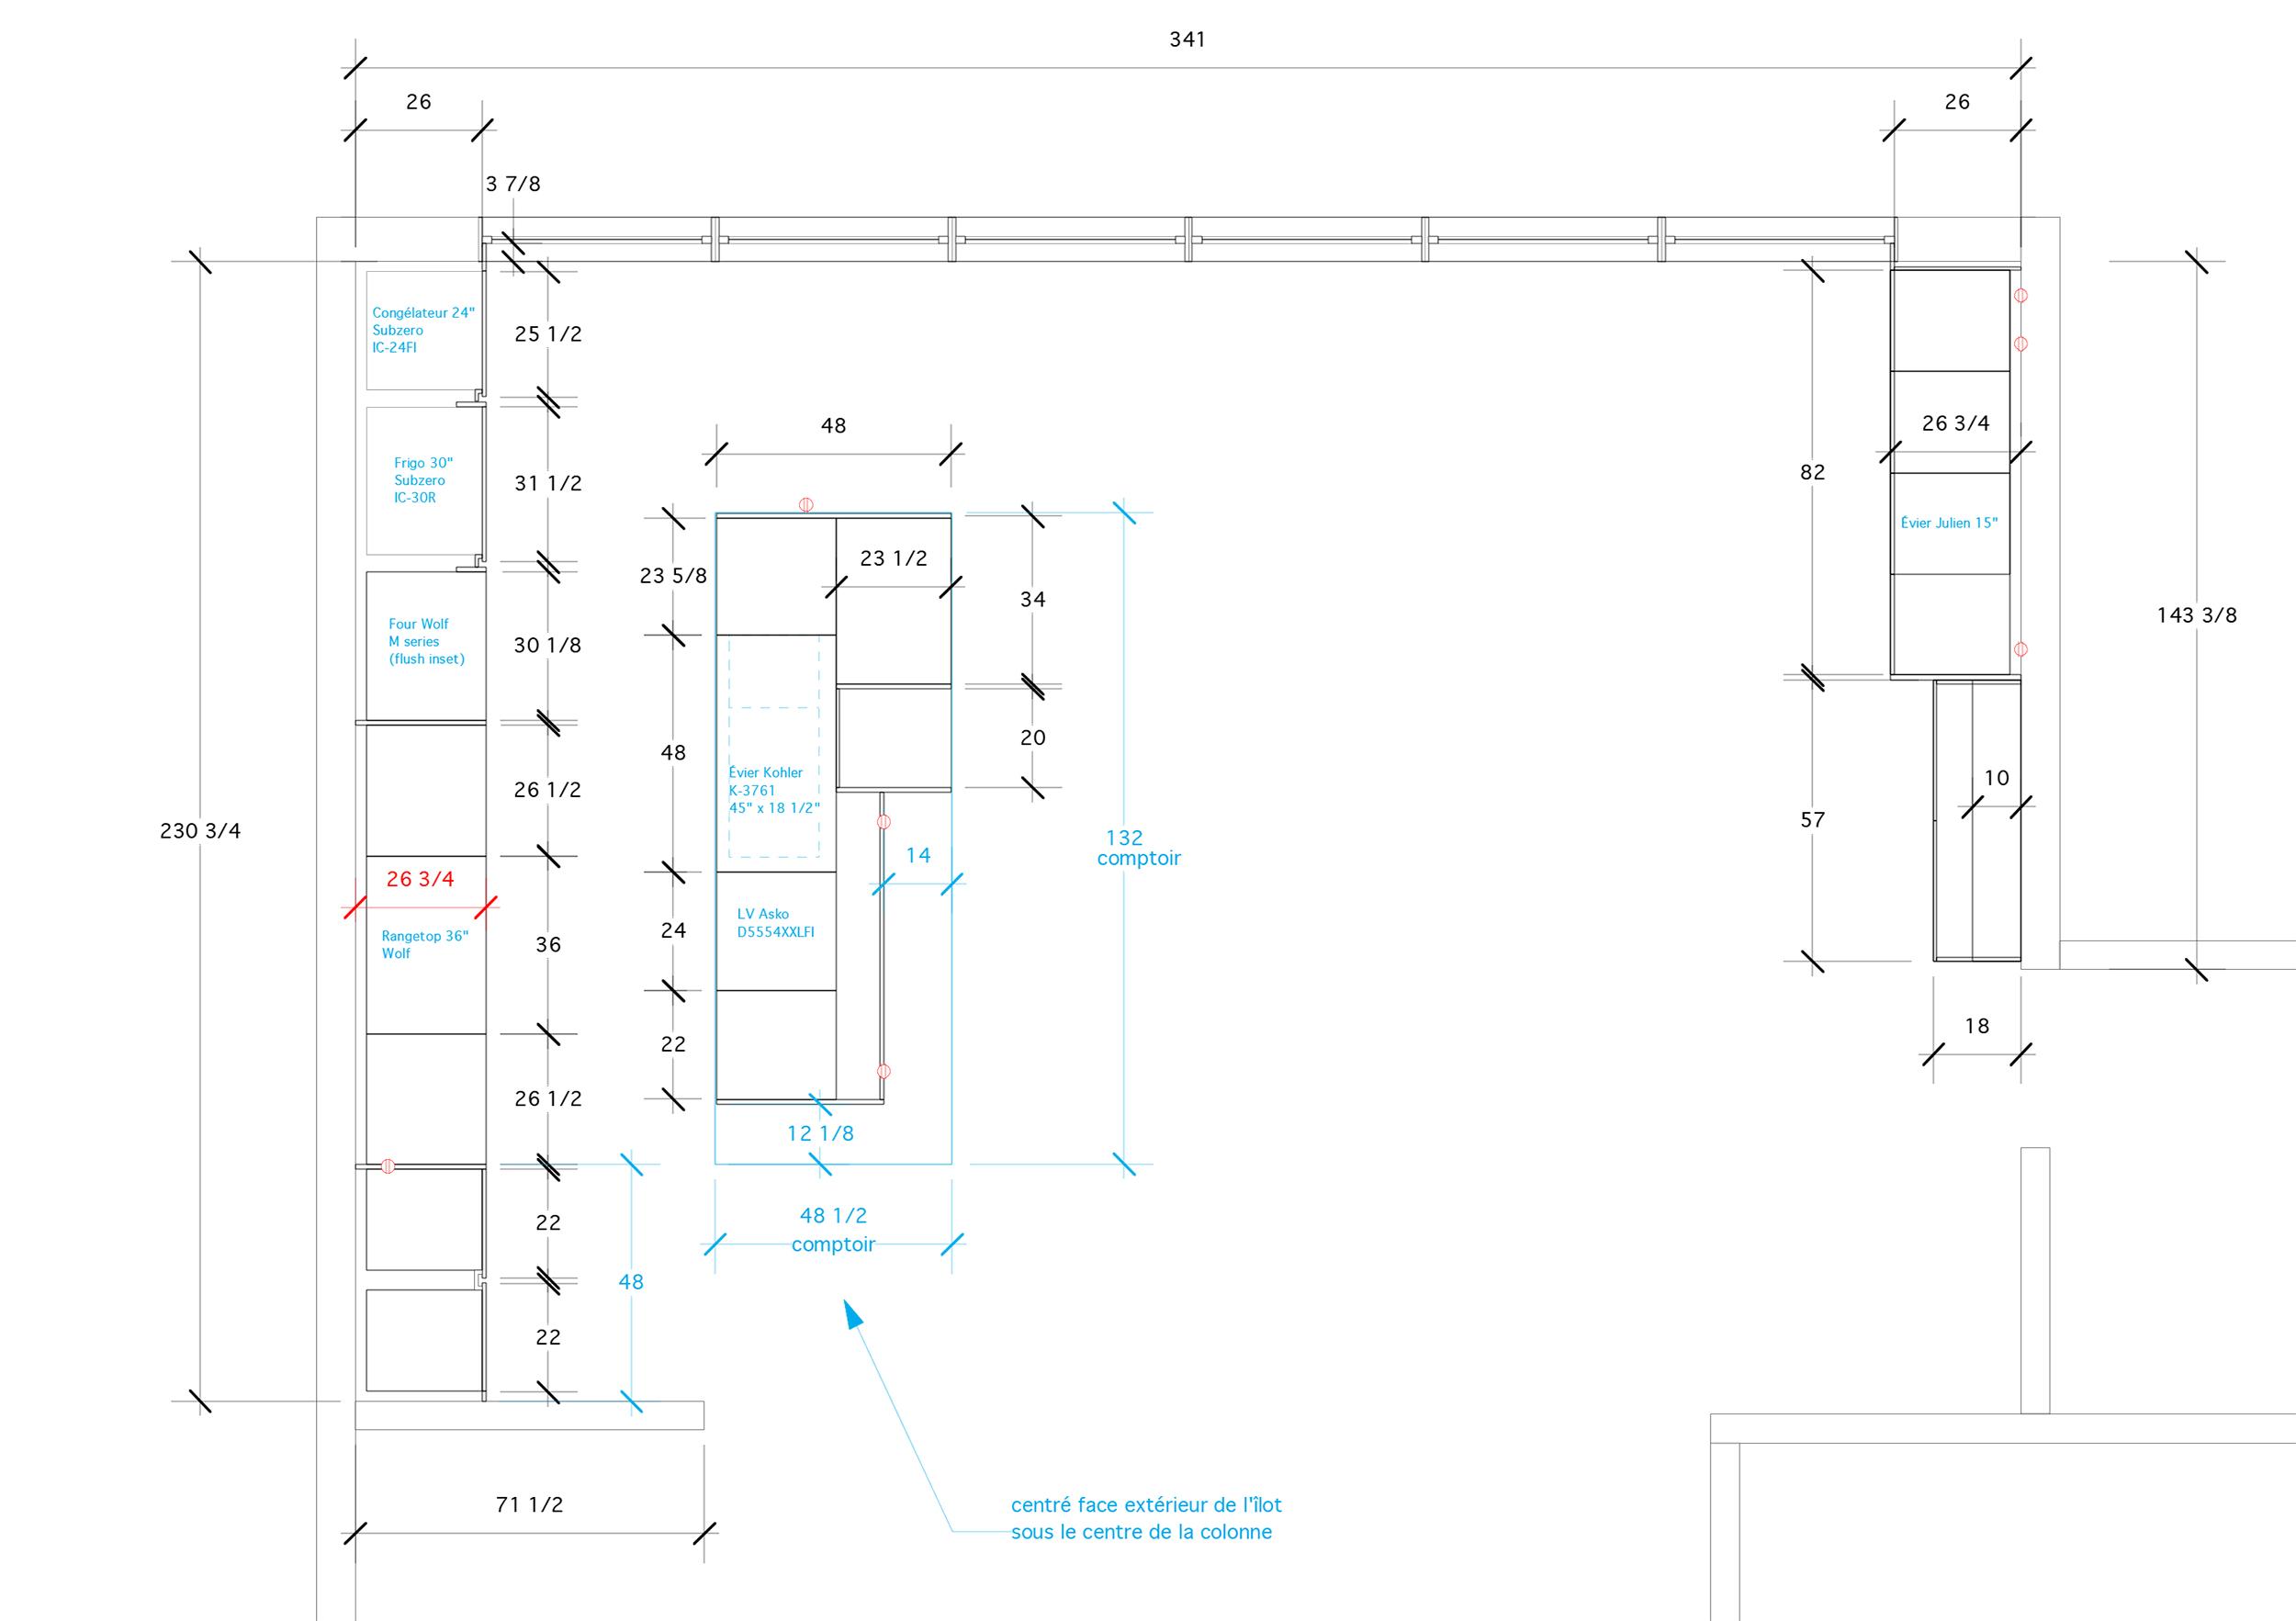 - Ce projet d'agrandissement d'une demeure d'Outremont met de l'avant l'espace familial où la cuisine est la pièce maîtresse de l'espace. Une cuisine lumineuse remplie de rangements dissimulés conjuguant la chaleur et un design intemporel. Un espace de vie spacieux et lumineux pour une famille nombreuse...Matériaux: laque de polyuréthane blanche avec 30% de lustre, placage de noyer noir d'amérique effet planche, comptoir de lapitec et acier inoxydable, dosseret de verre, bibliothèque d'acier chaud et bois.